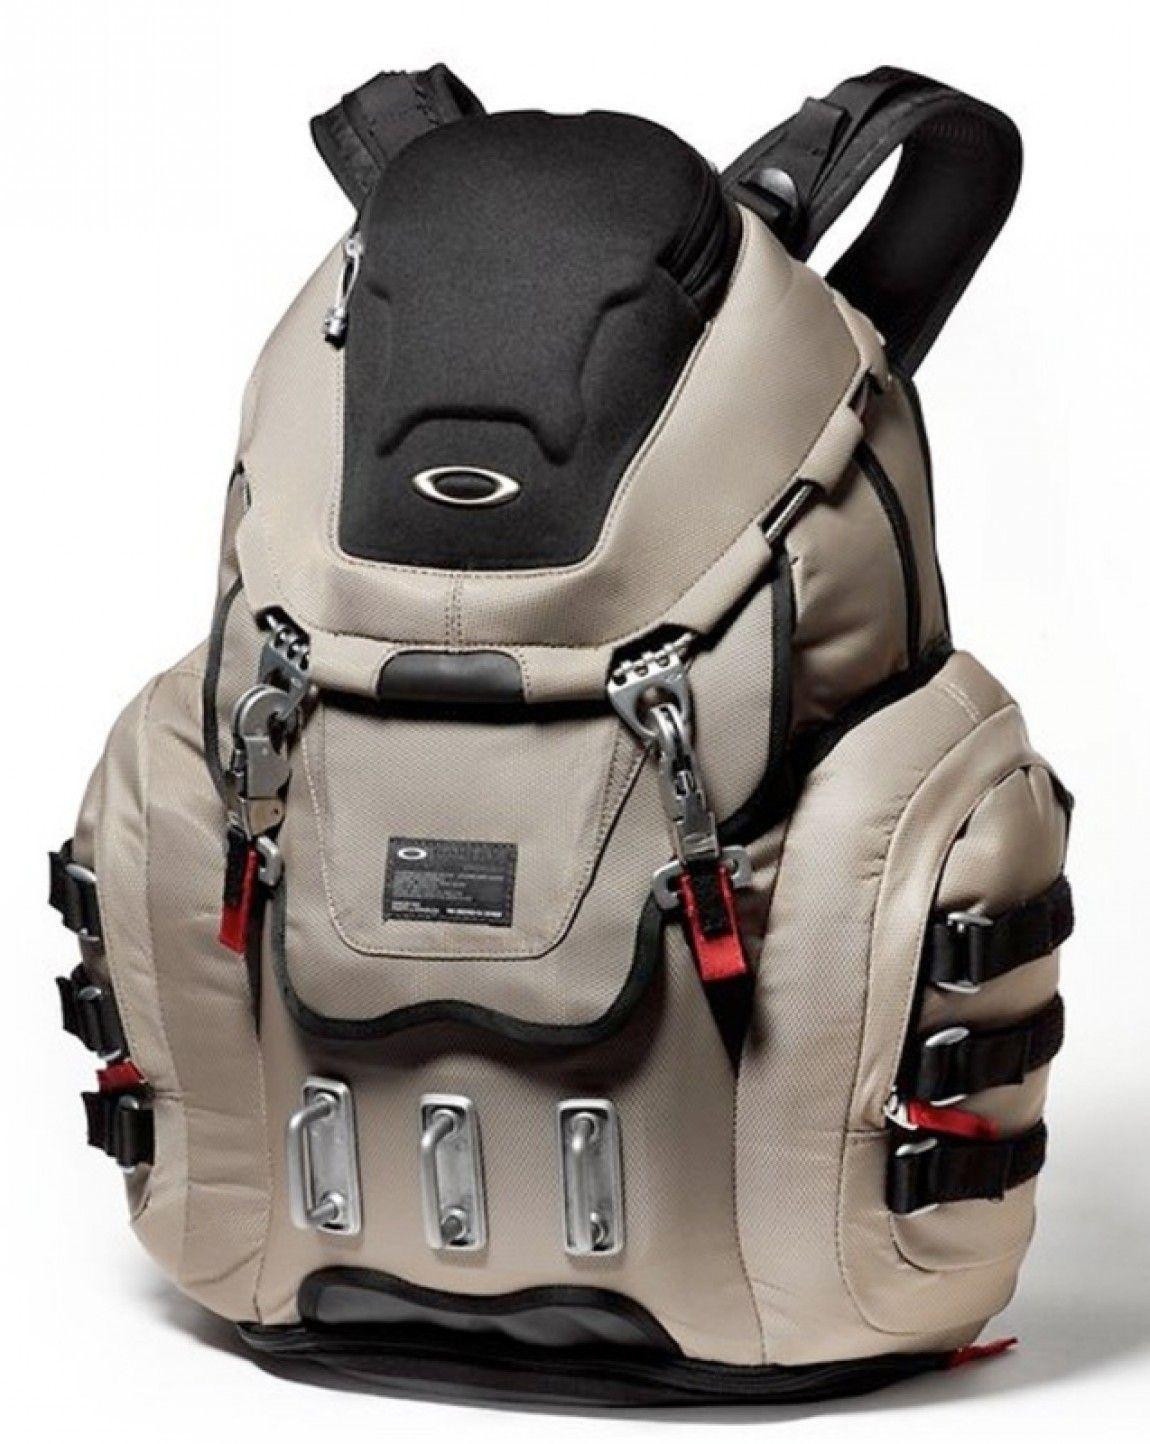 oakley kitchen sink backpack grey fossil bags oakley backpack rh pinterest com